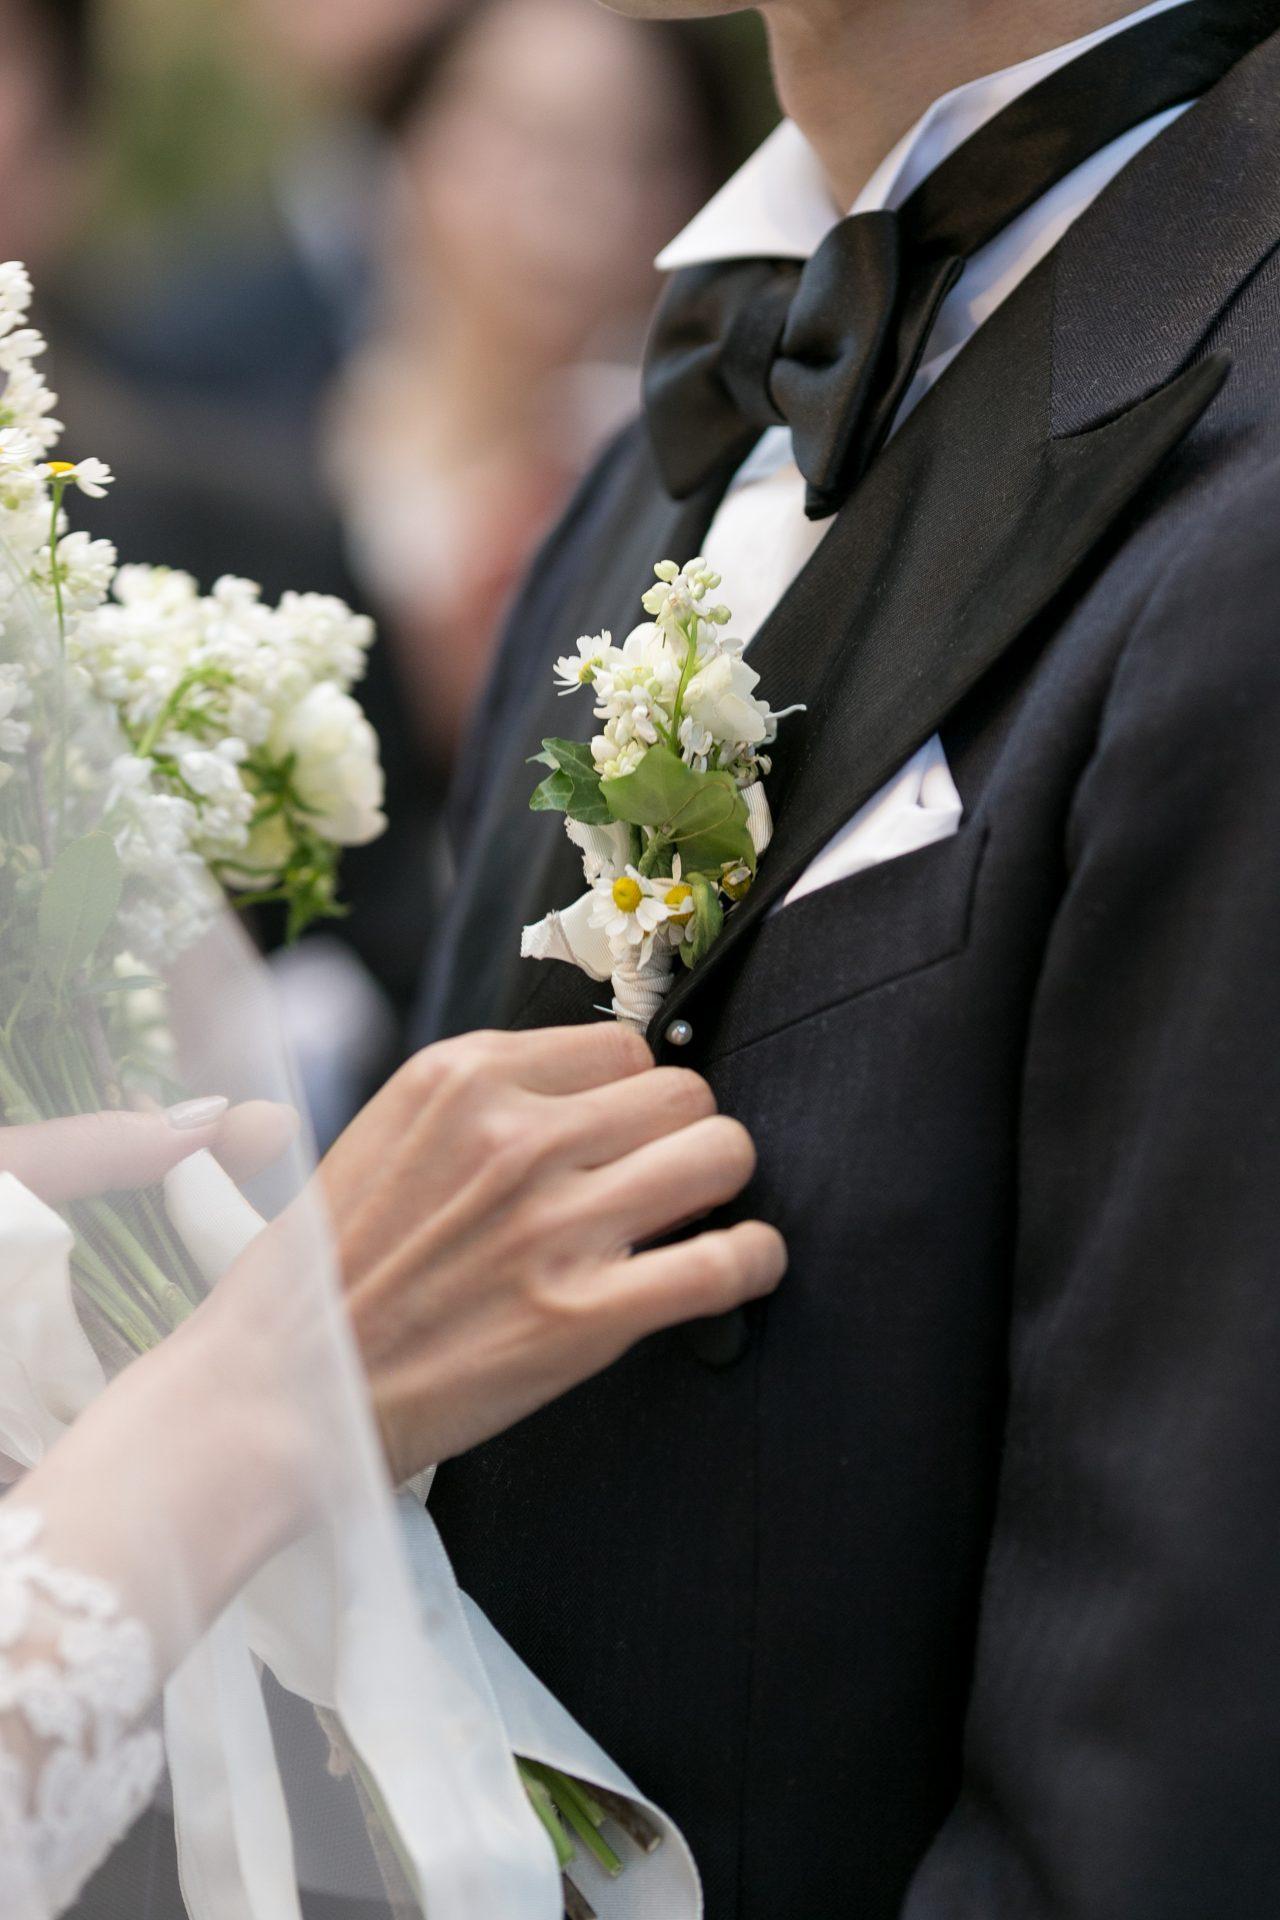 ご新郎様がザ・トリート・ドレッシングでお選びになられたネイビーのタキシードに、白のブートニアを胸元に合わせ、上品なコーディネートに仕上げました